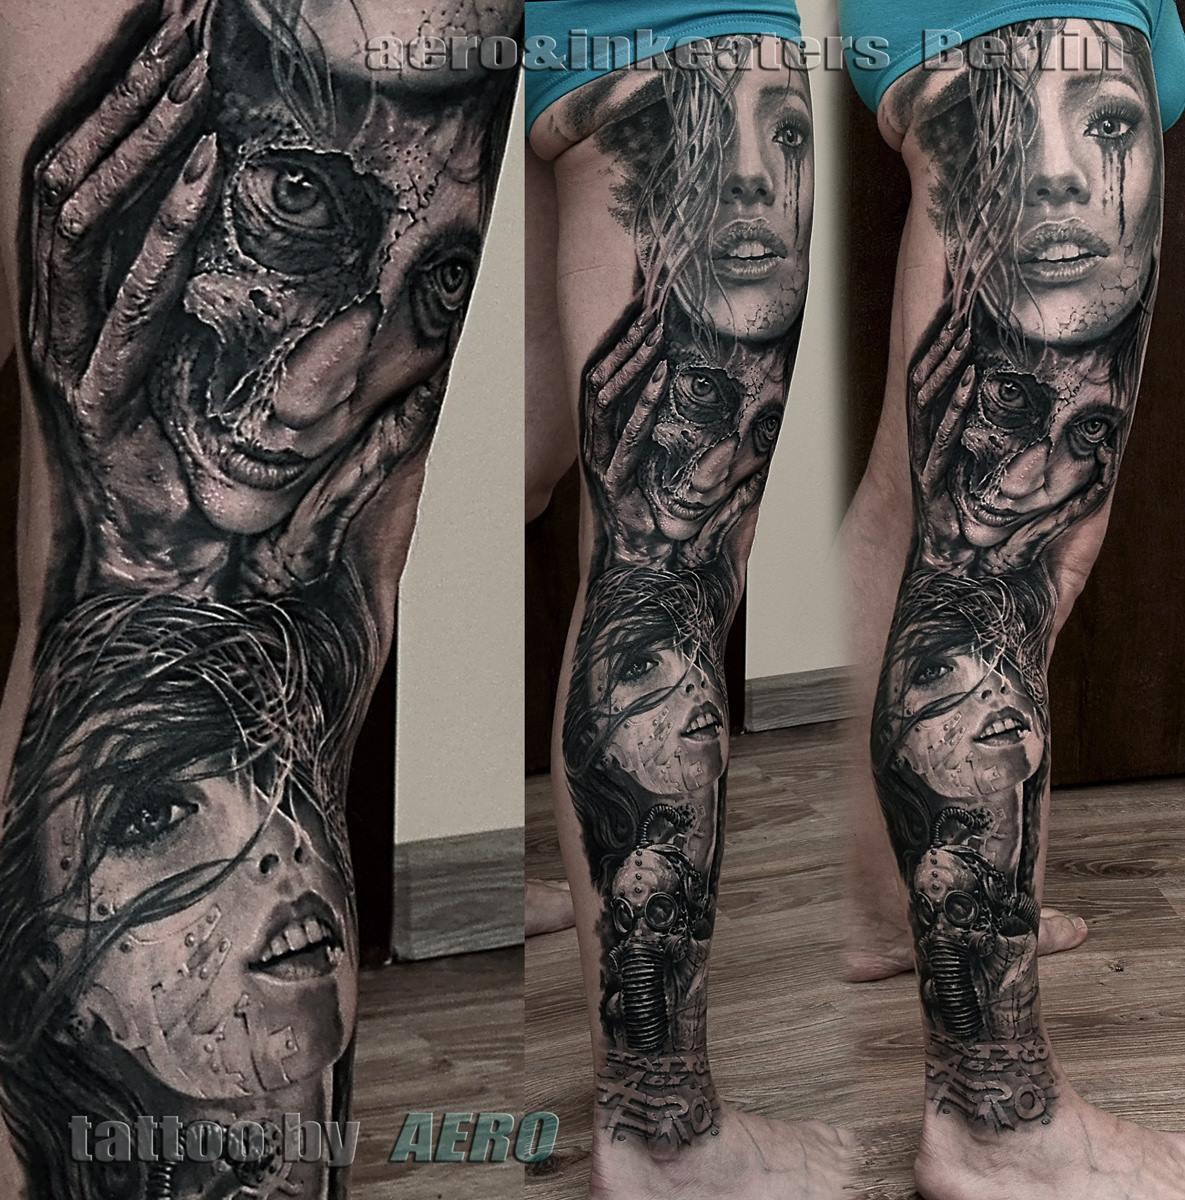 Tattoo von verschieden weiblichen Gesichtern auf dem rechten Bein